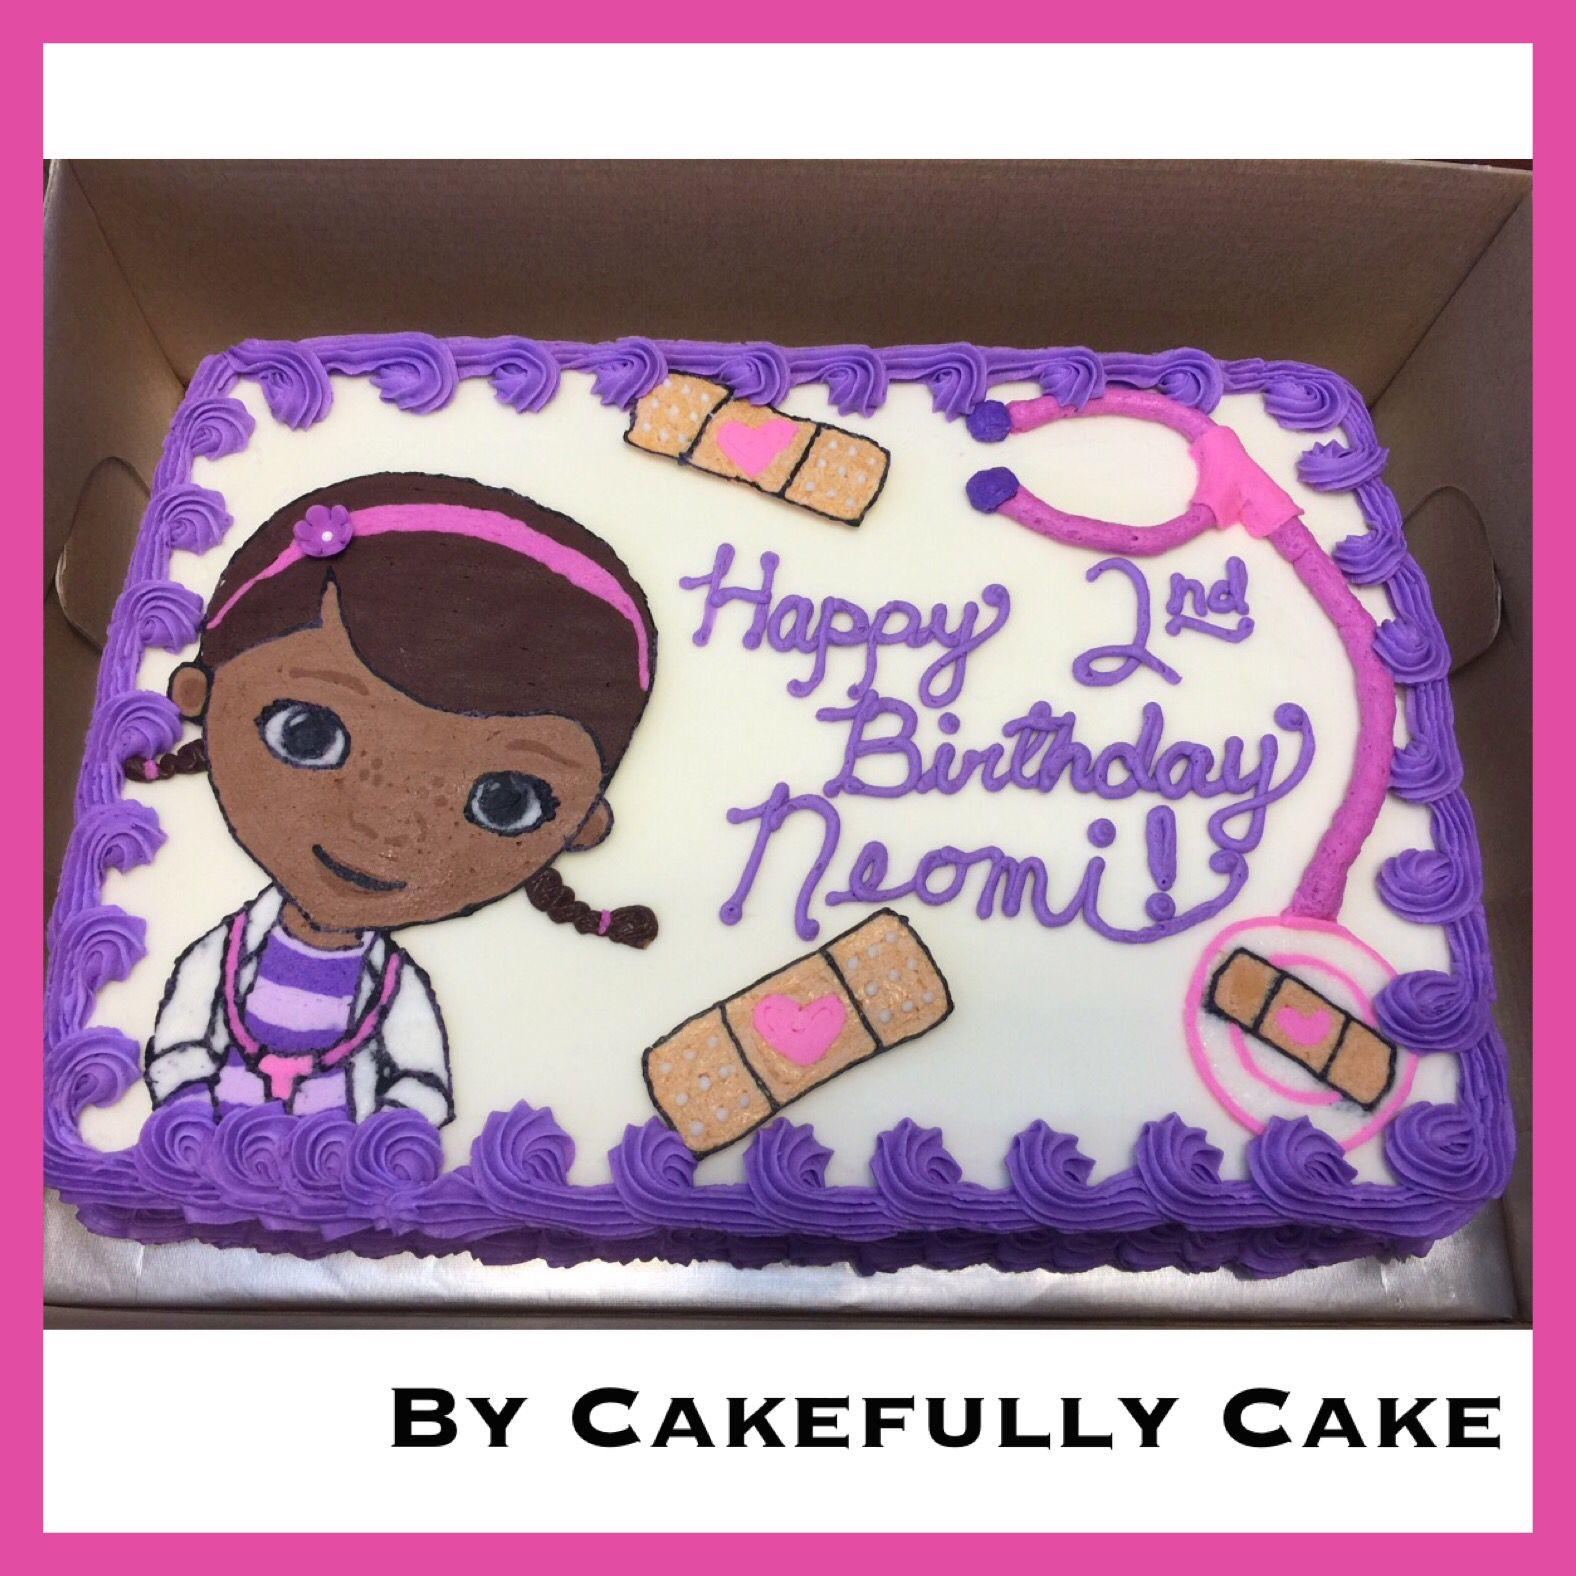 Doc mcstuffins bandages doc mcstuffins party ideas on pinterest doc - Doc Mcstuffins Cake By Cakefully Cake